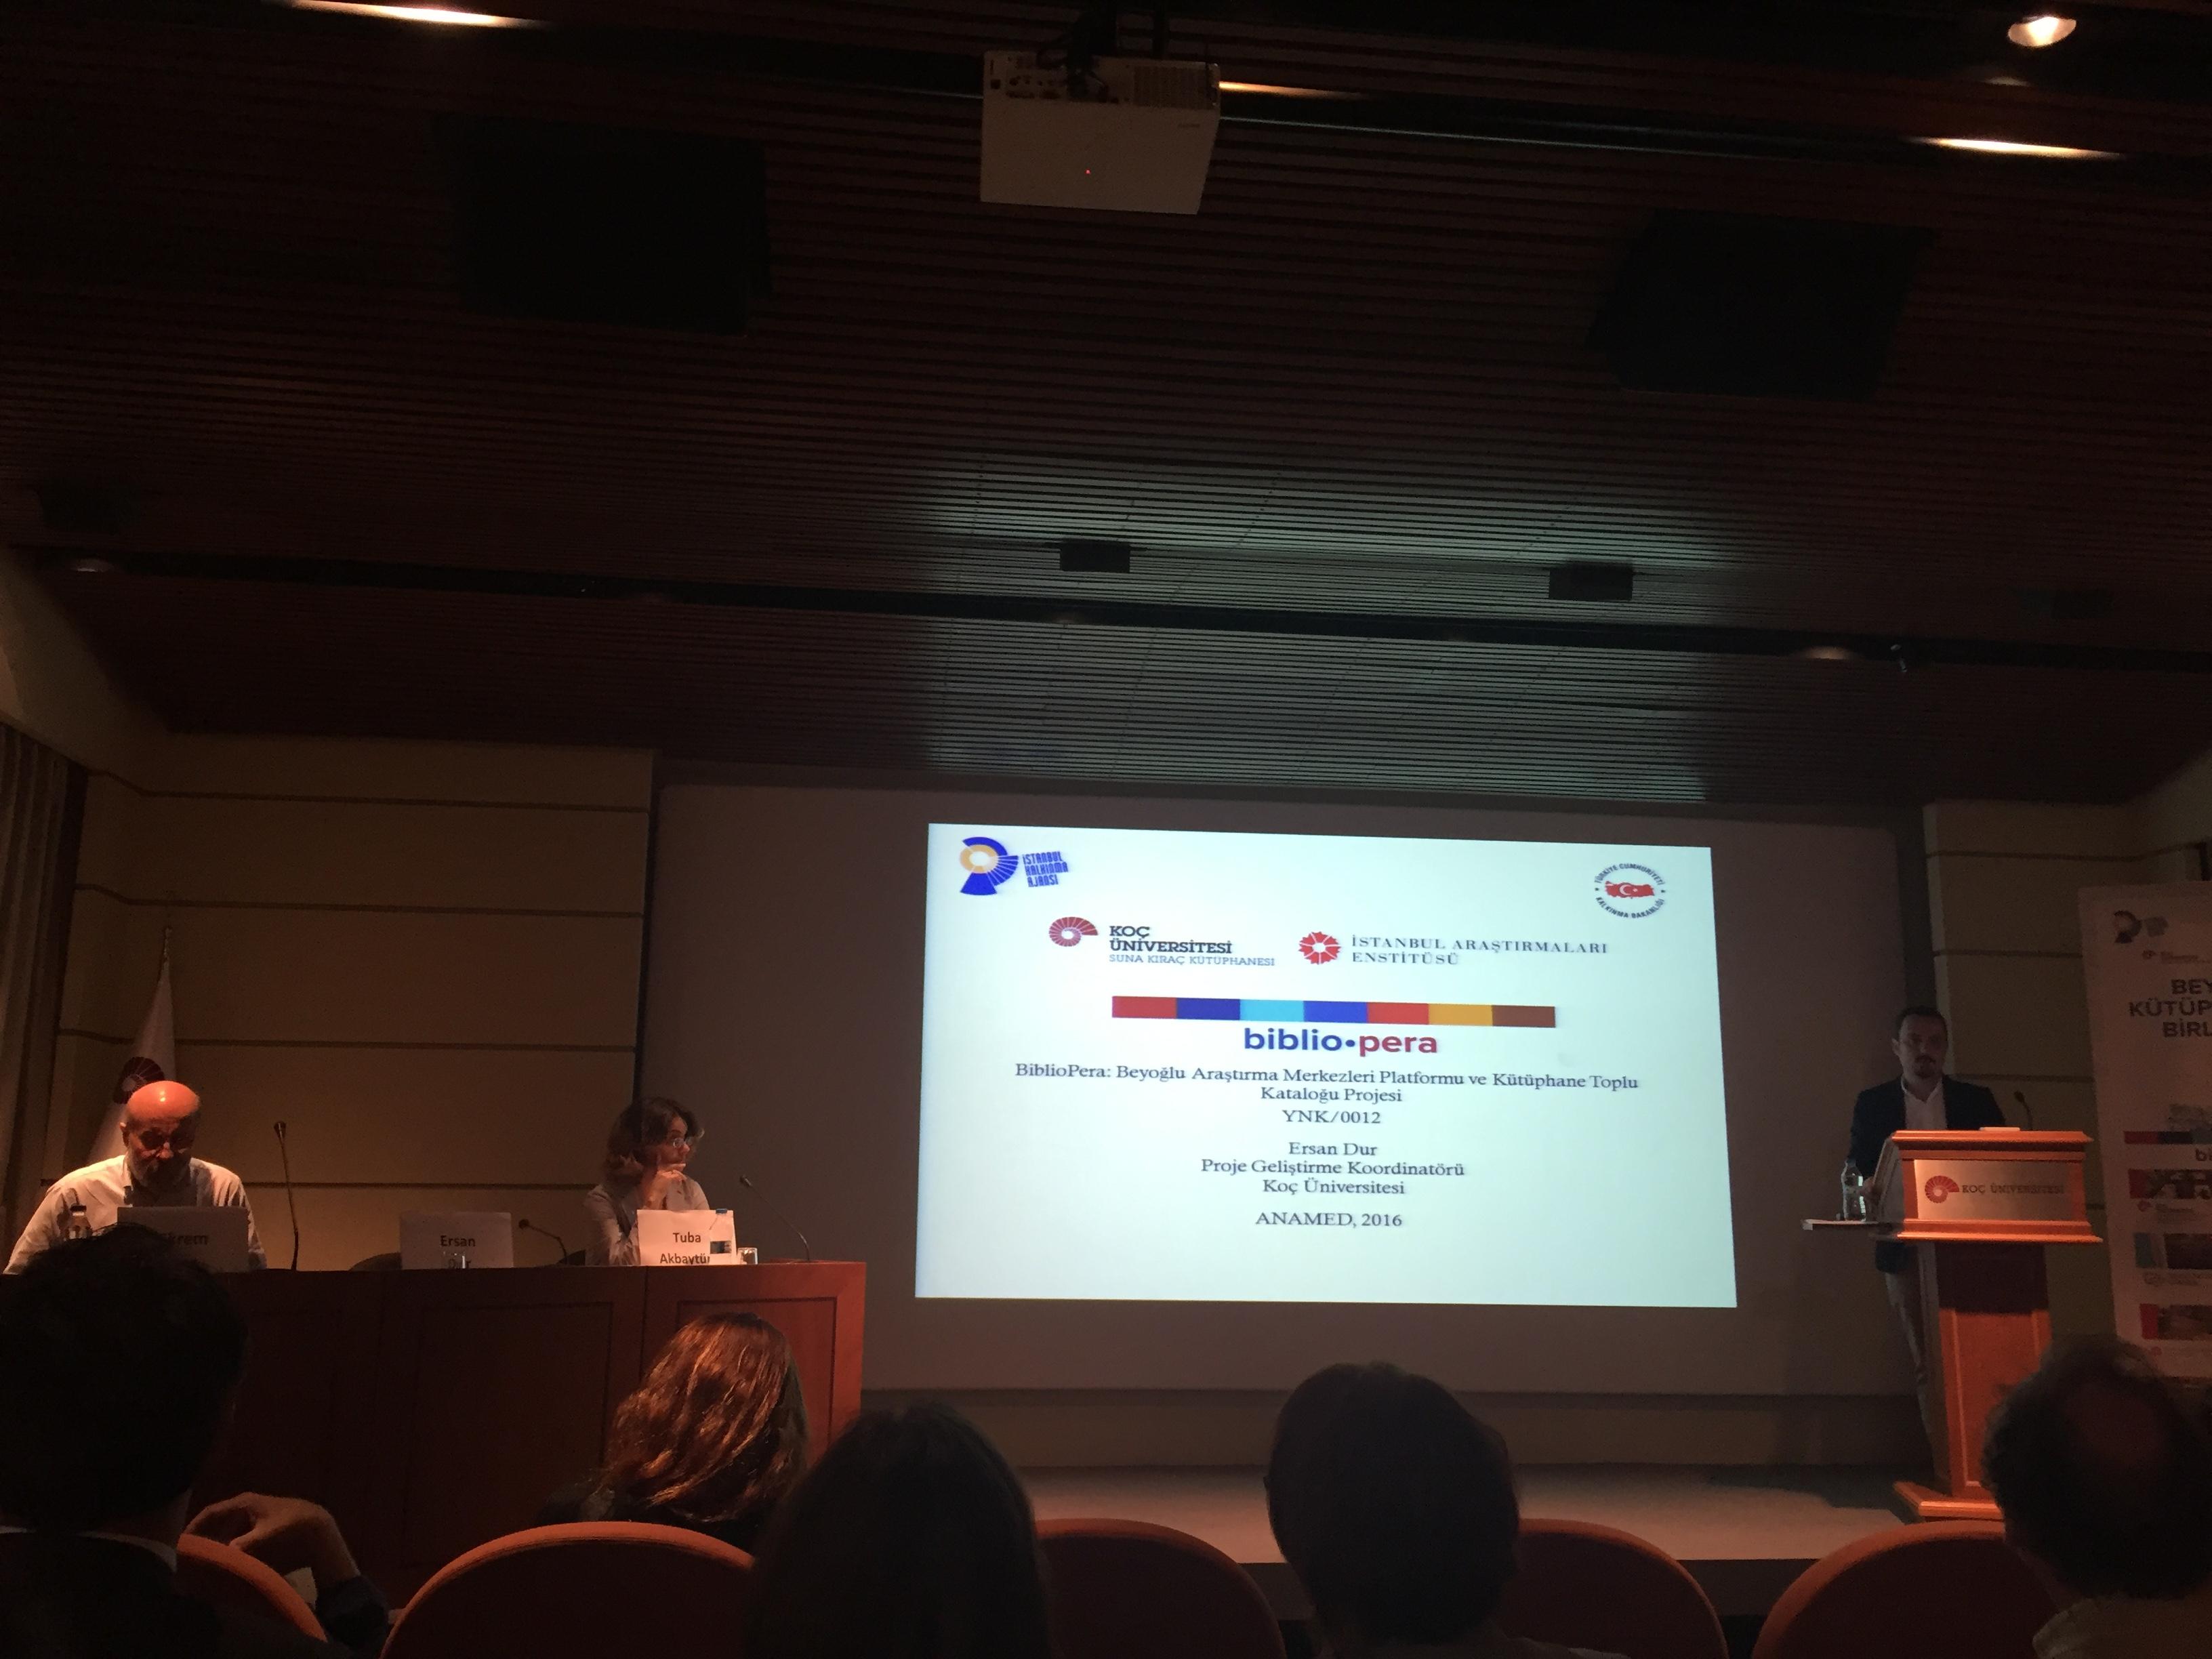 BIBLIO-PERA – Beyoğlu Araştırma Merkezleri Platformu ve Kütüphane Toplu Kataloğu Projesi Lansmanı Yapıldı